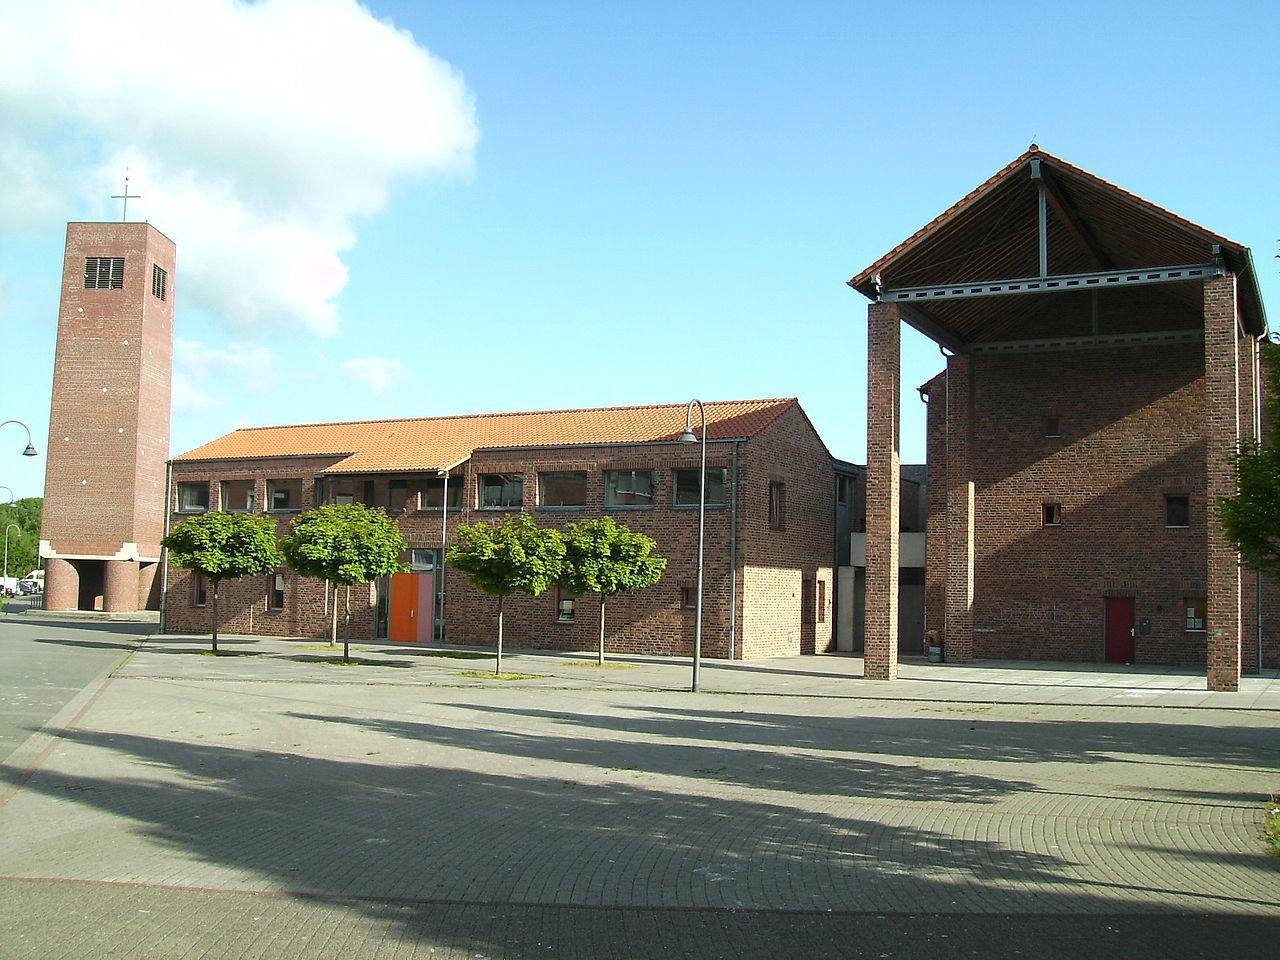 katholisches gemeindezentrum k ln blumenberg k ln architektur baukunst nrw. Black Bedroom Furniture Sets. Home Design Ideas